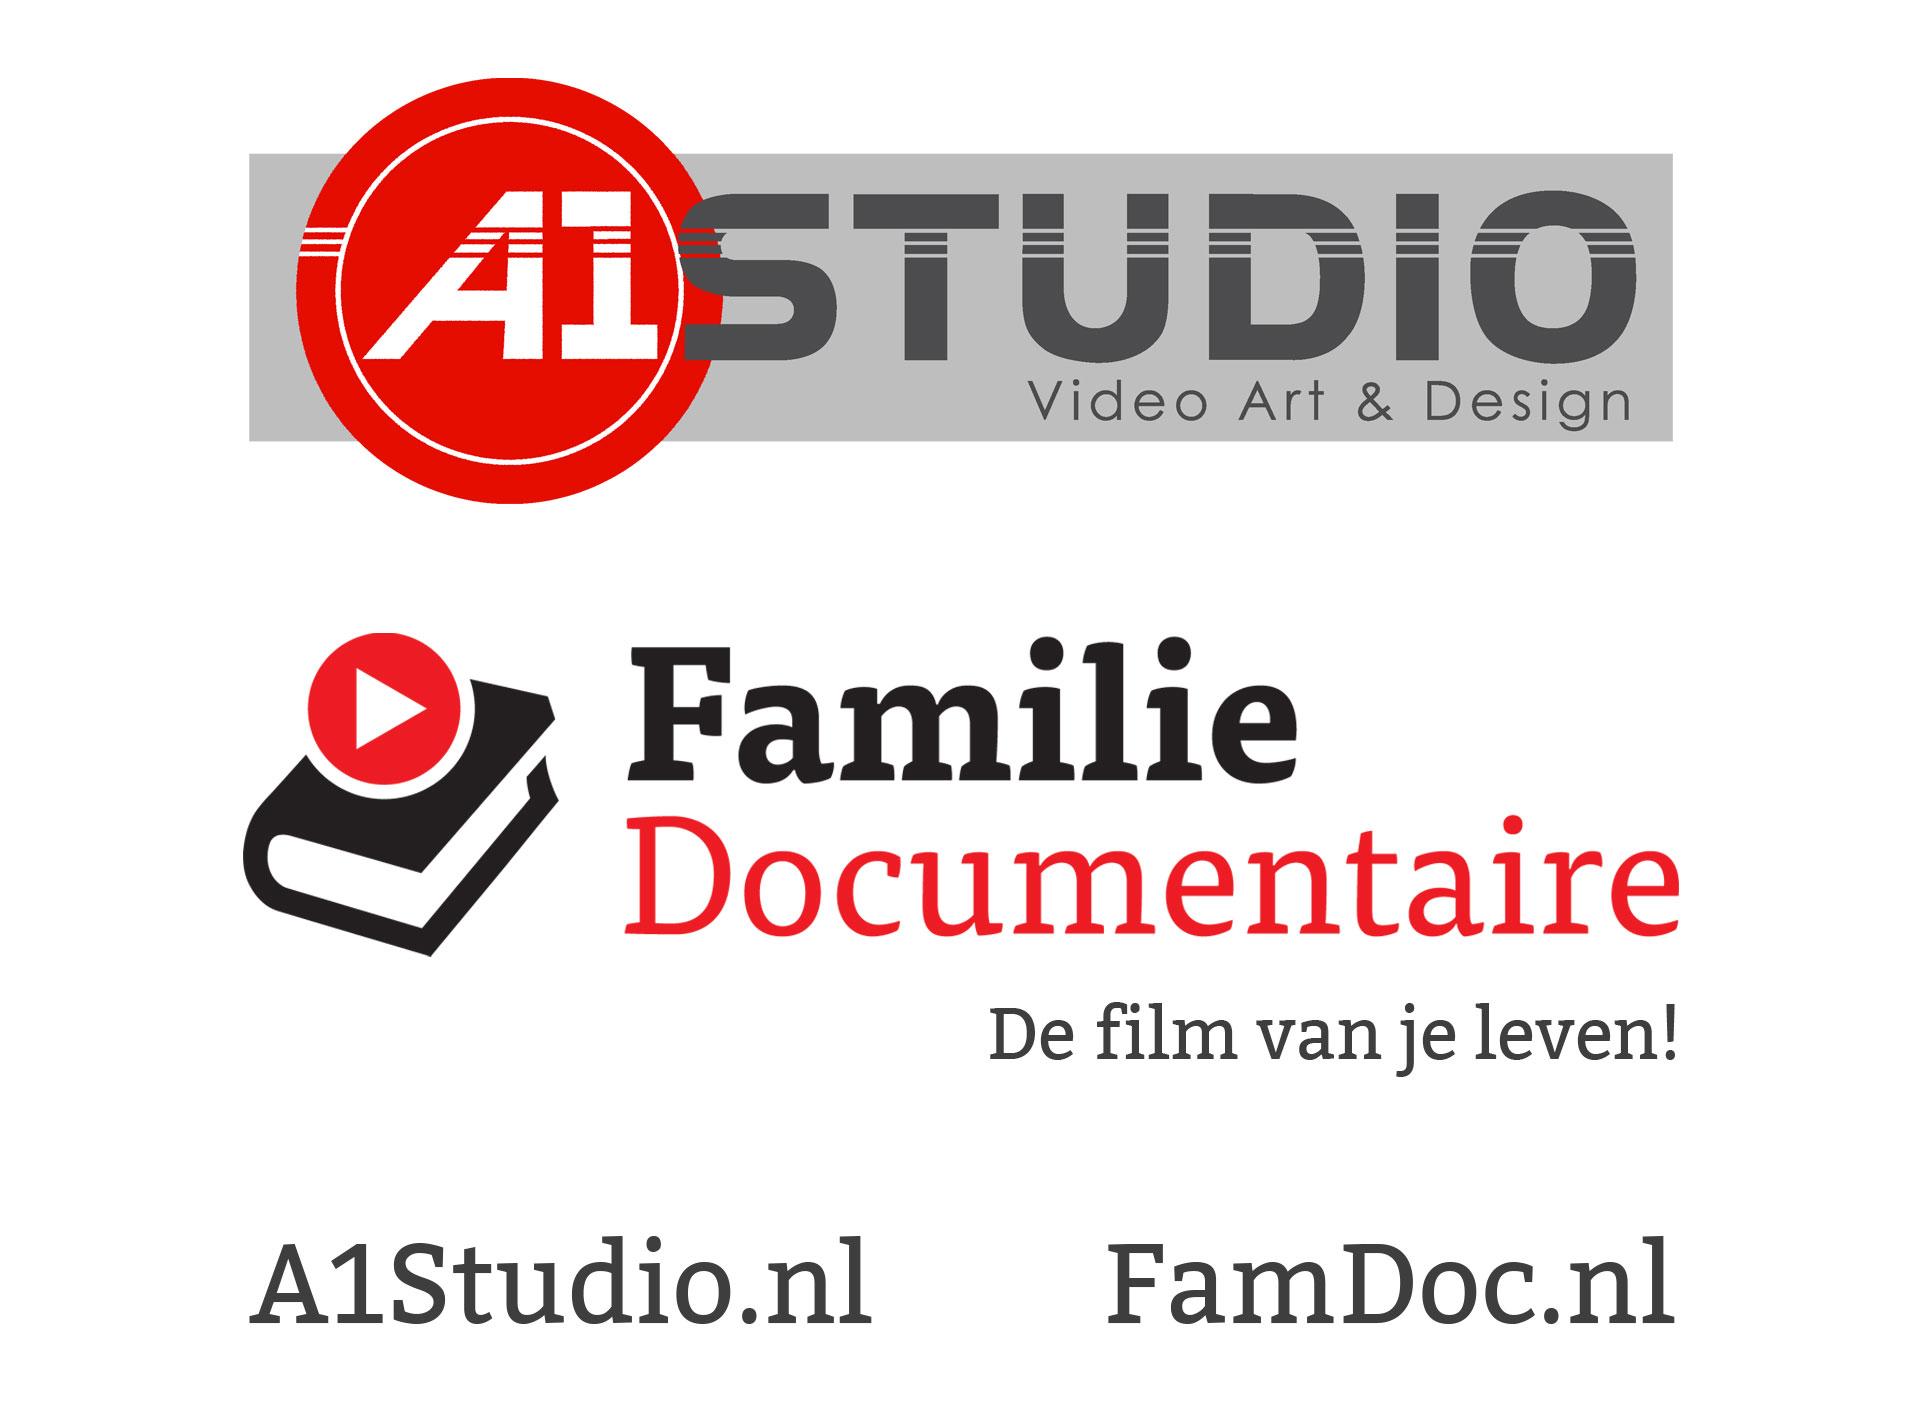 www,gambianyodema.nl